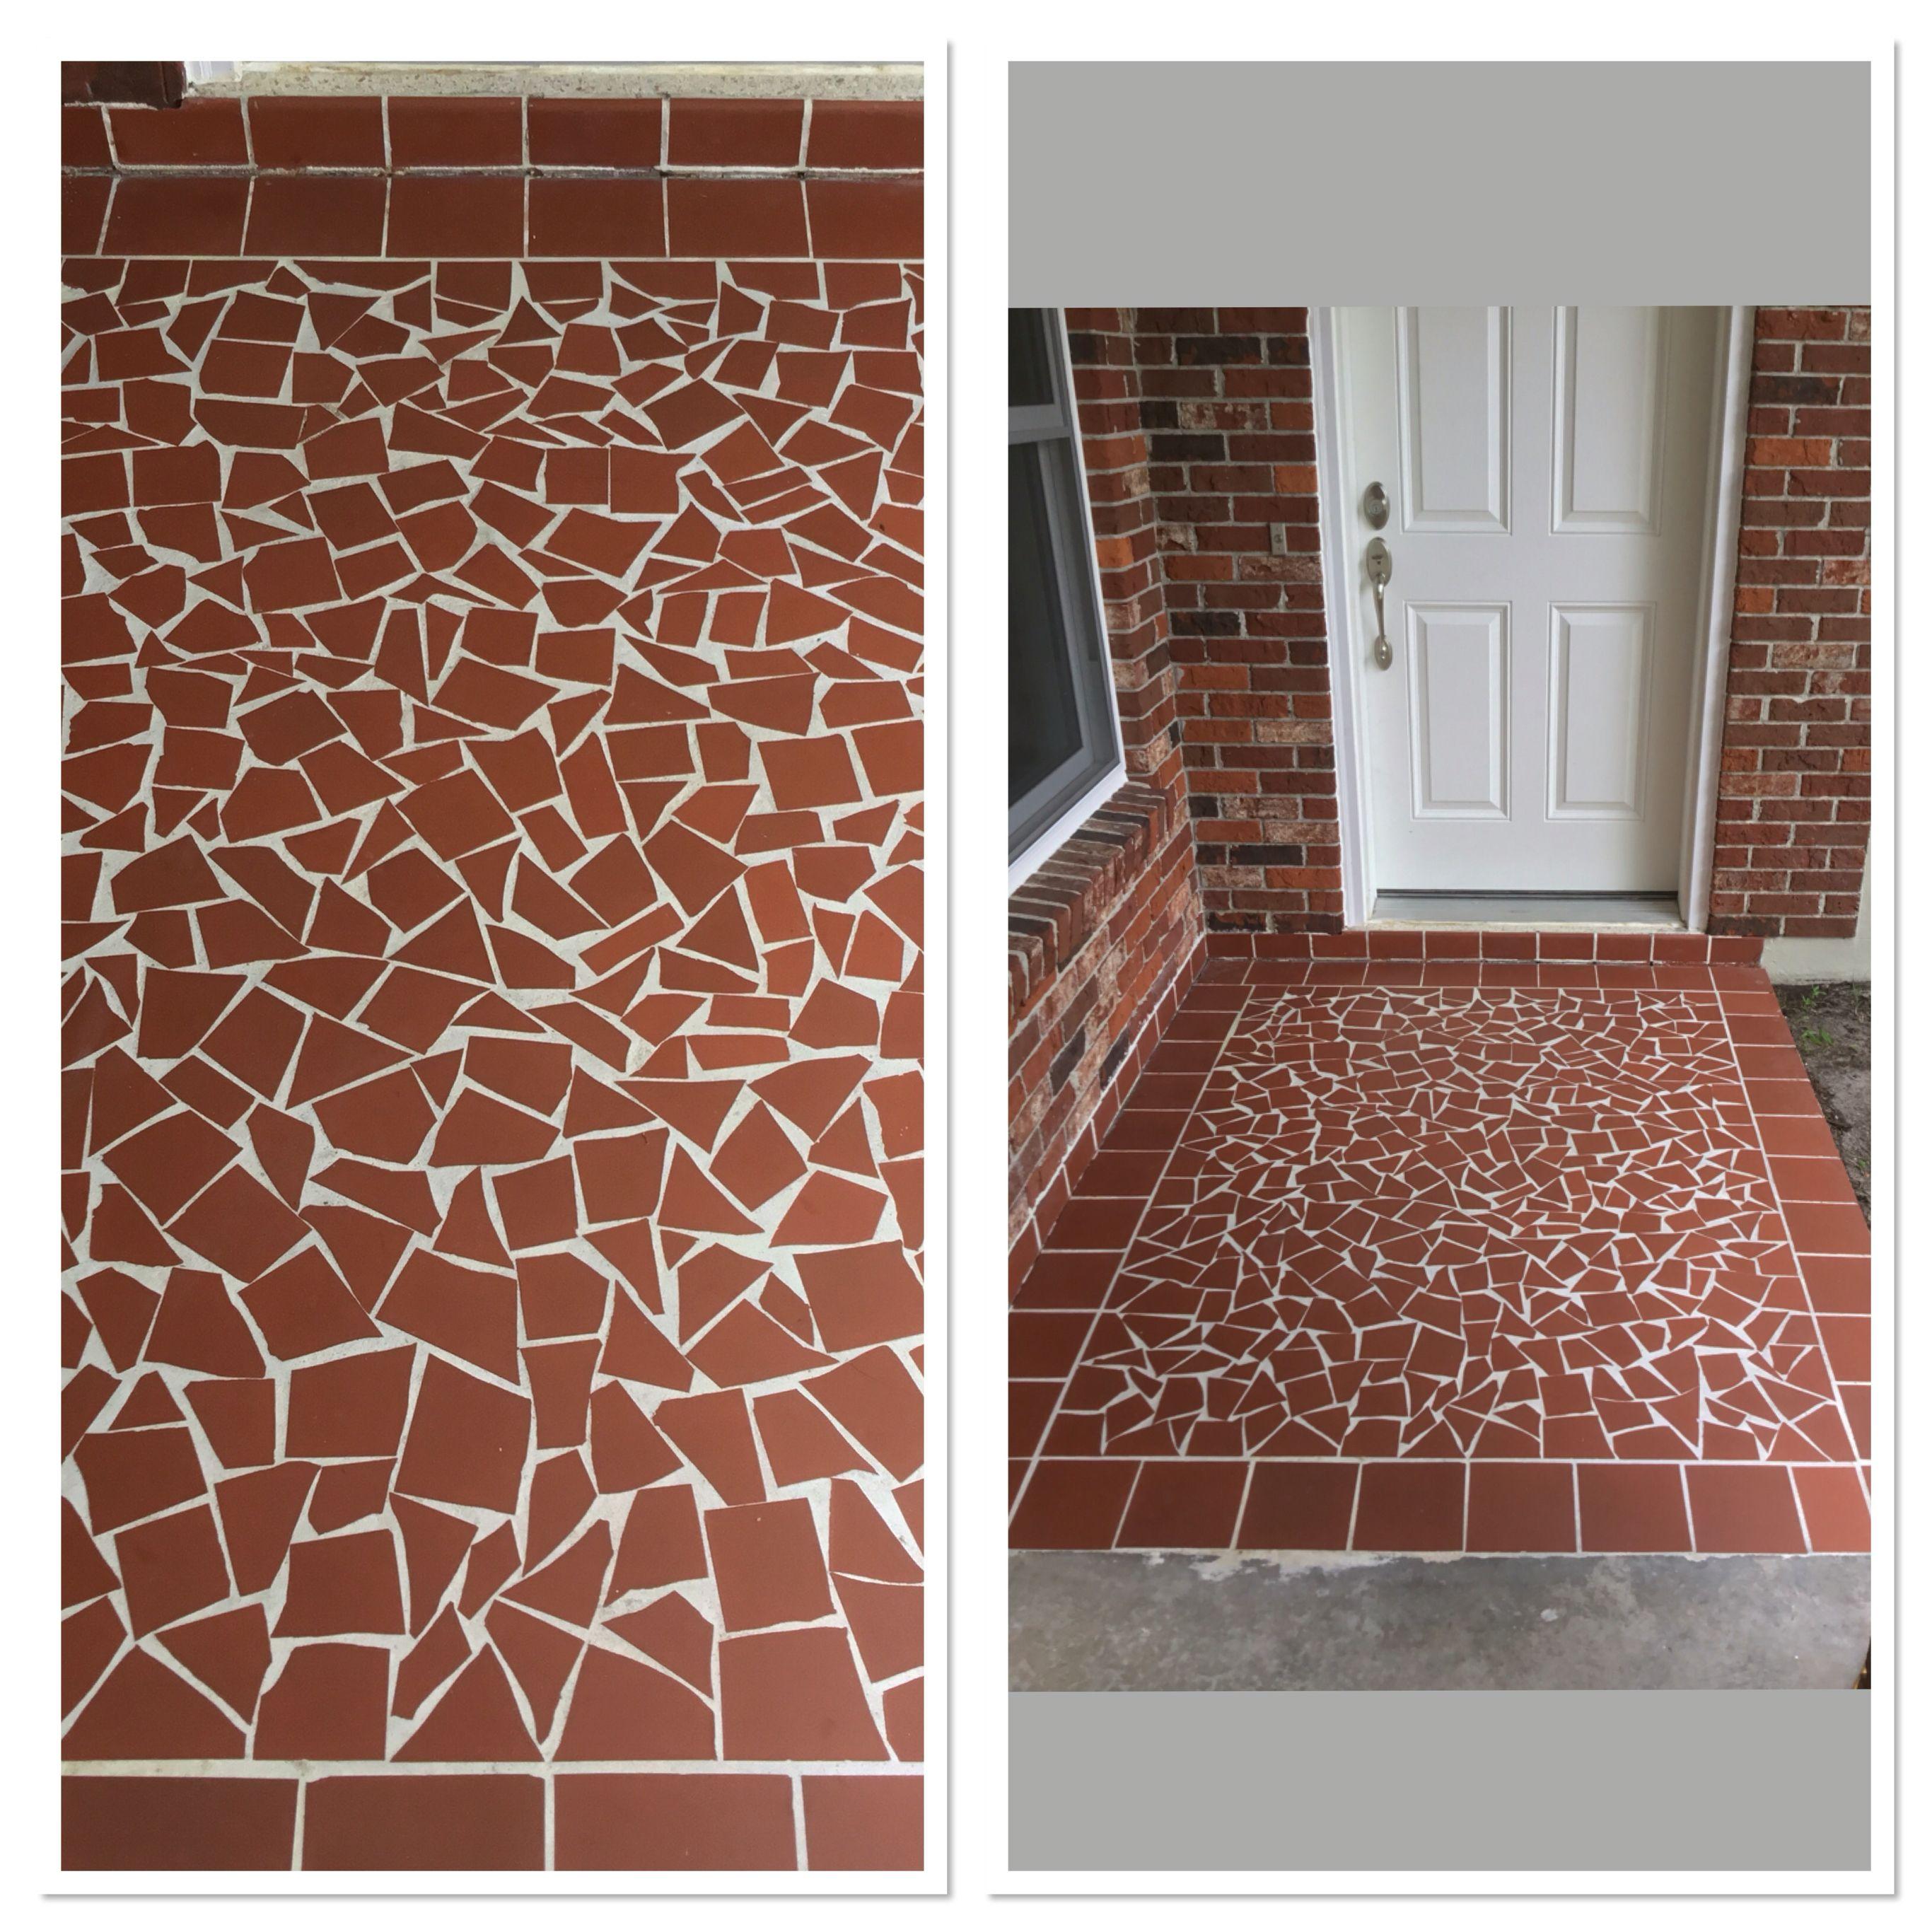 mosaic flooring tile floor porch tile